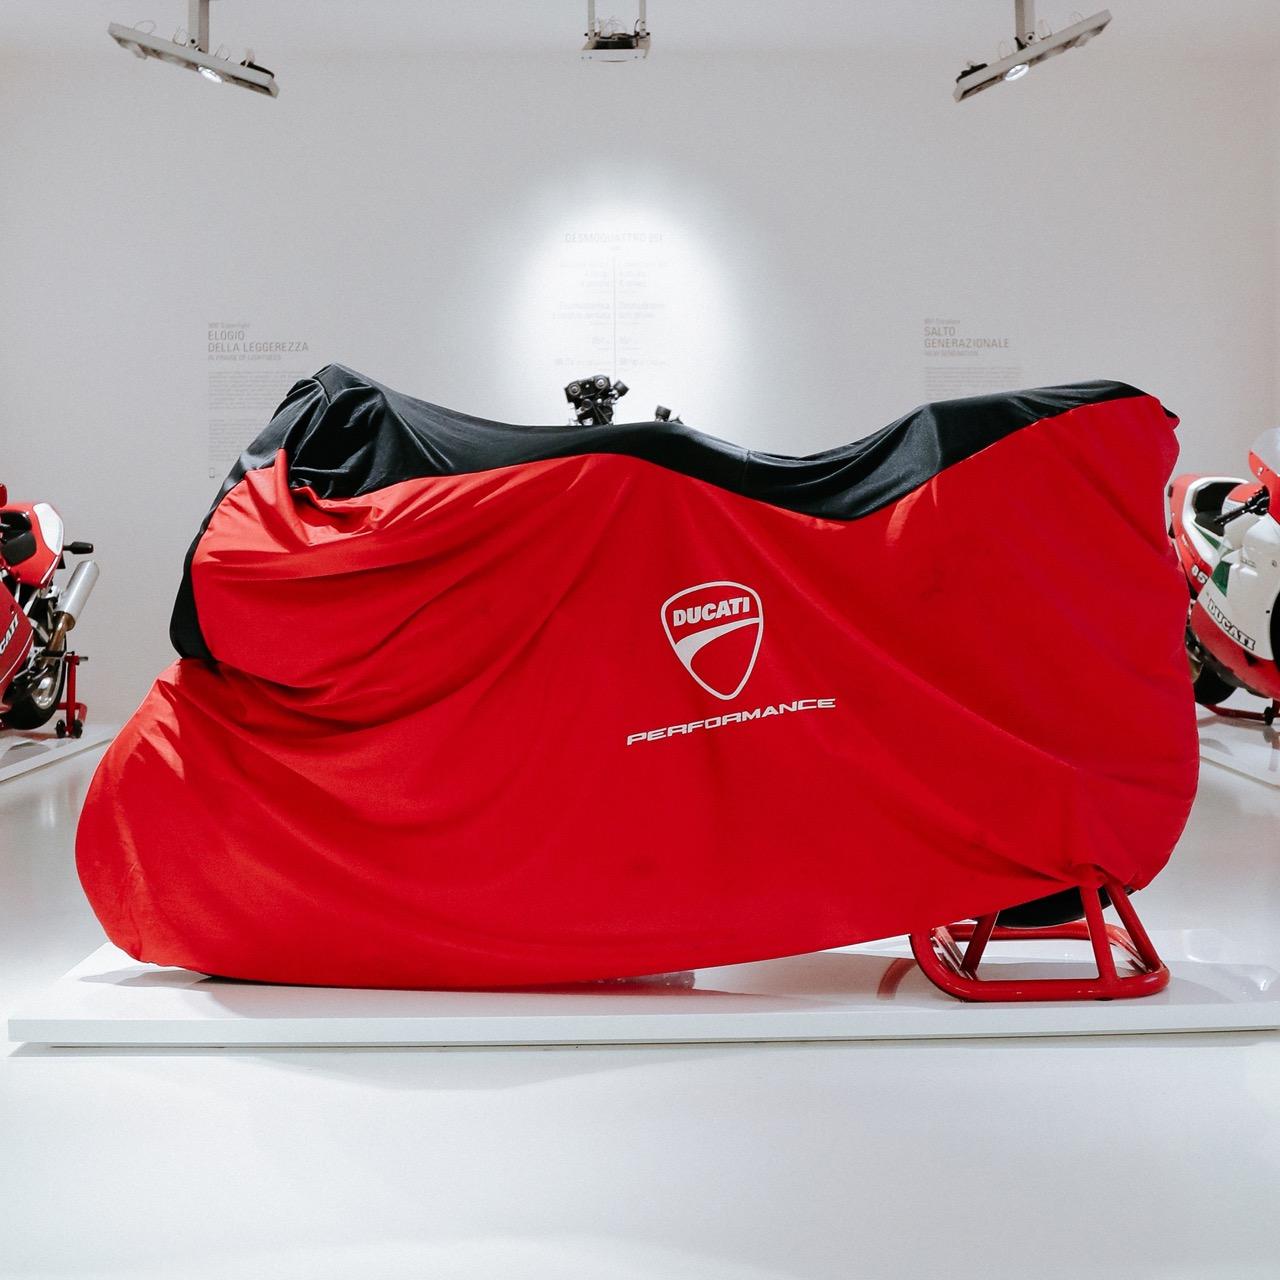 Ducati 916 - Museo Ducati